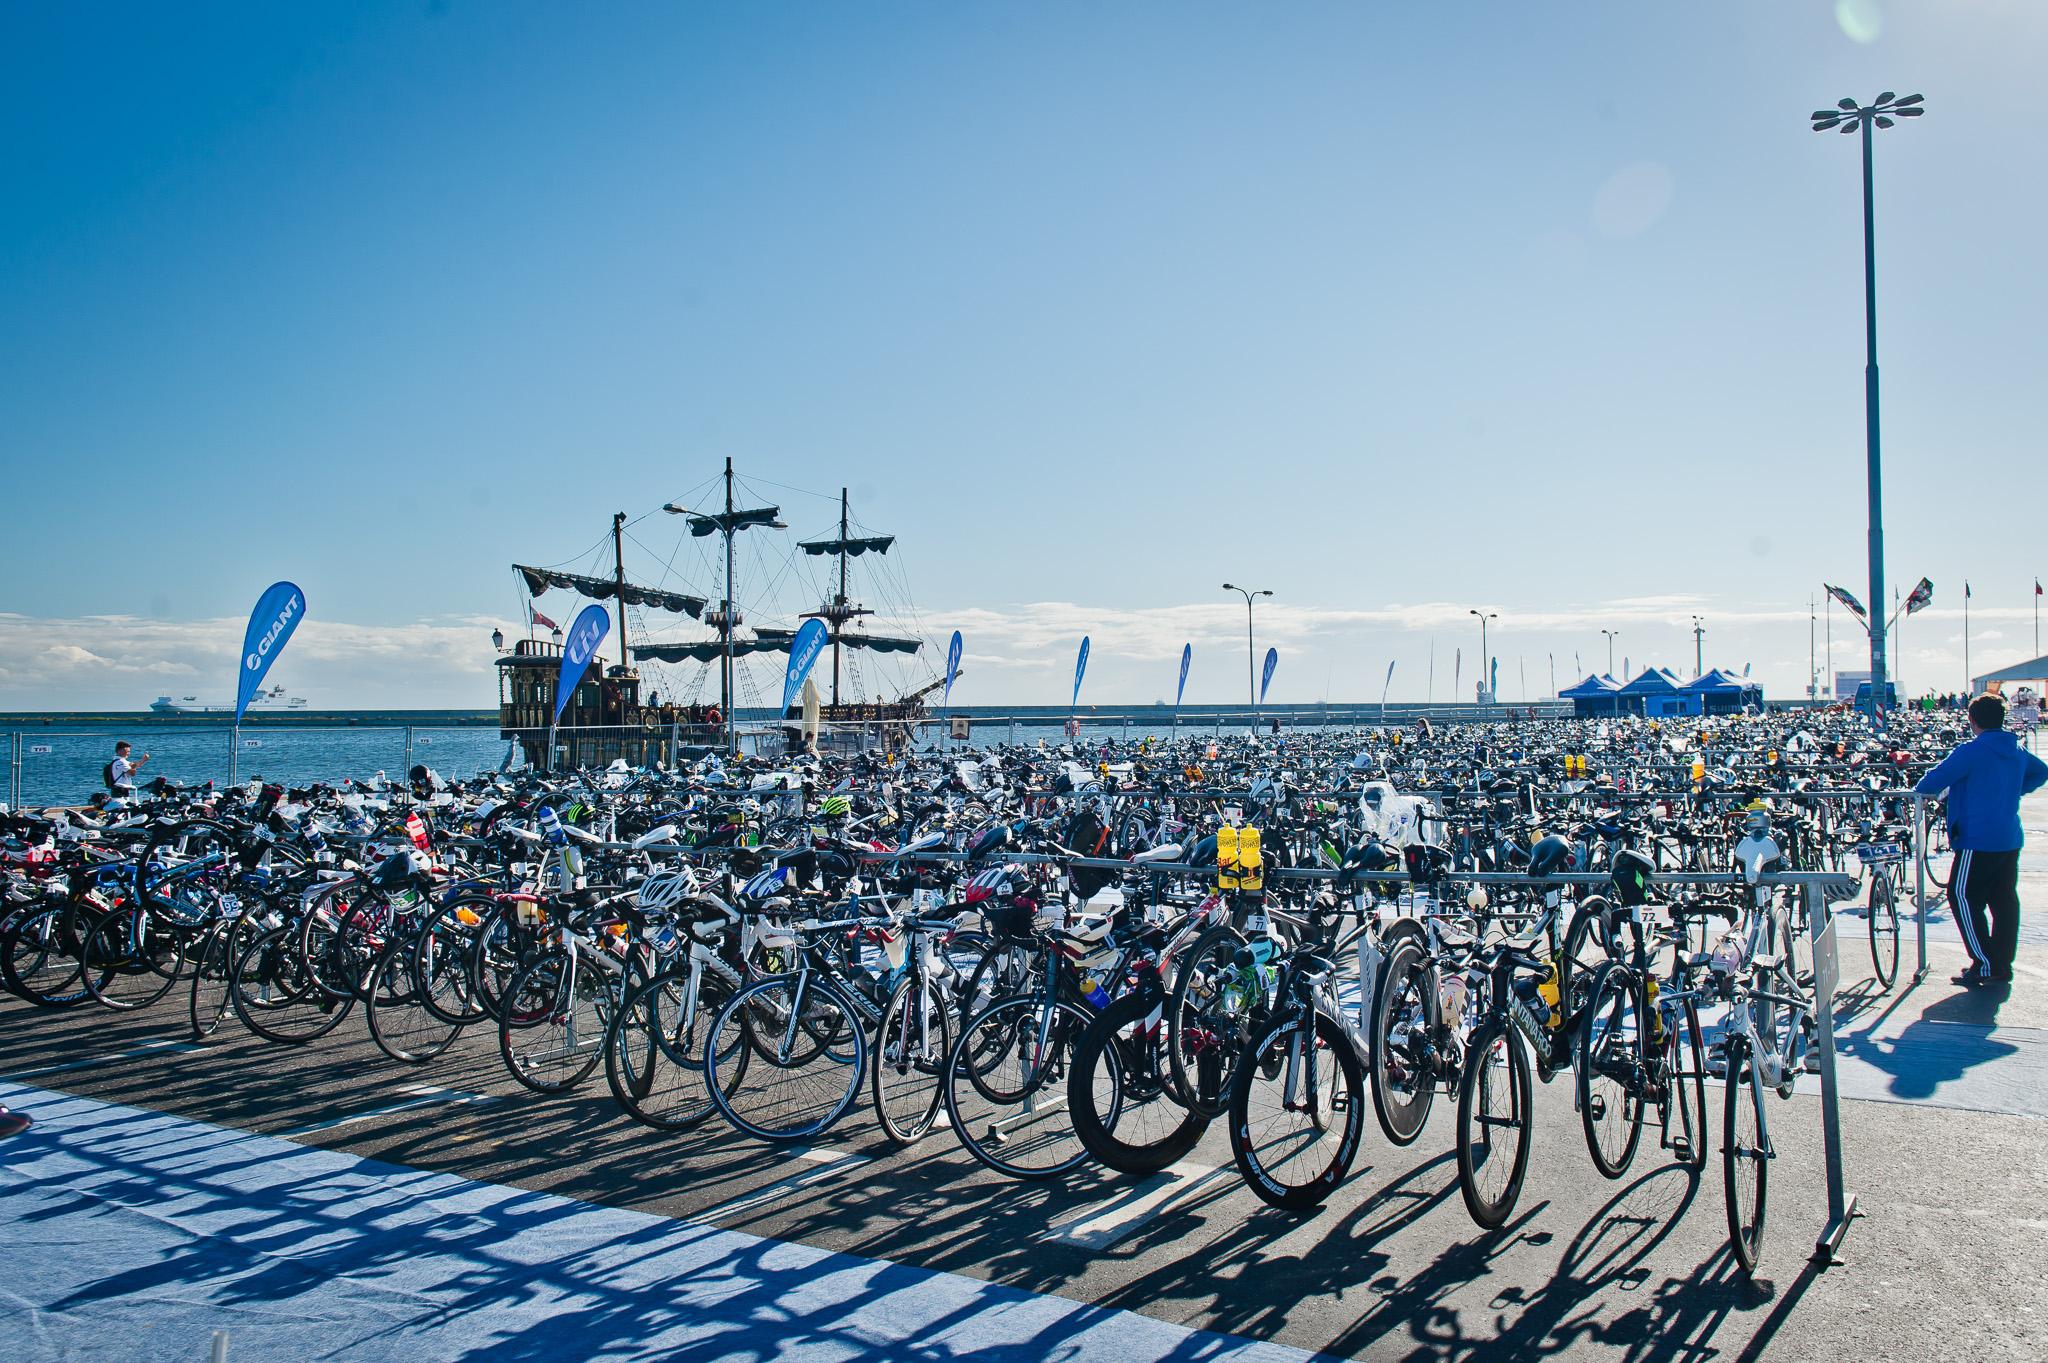 Herbalife Ironman 70.3 Gdynia, 07.08.2016 Gdynia